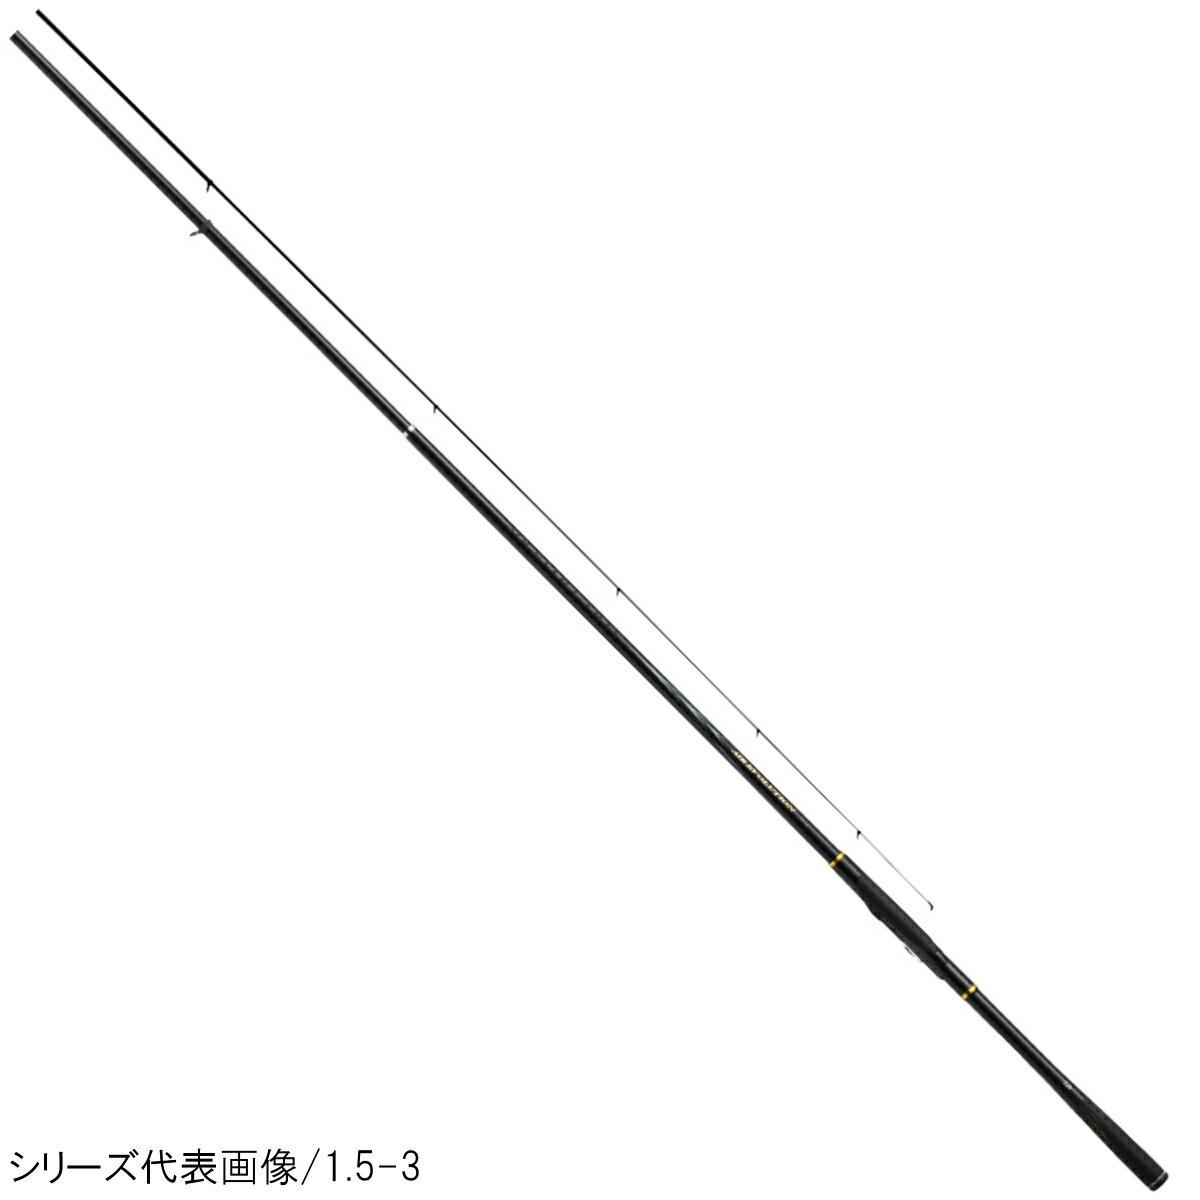 ダイワ エア エボリューション 0.8-53【送料無料】